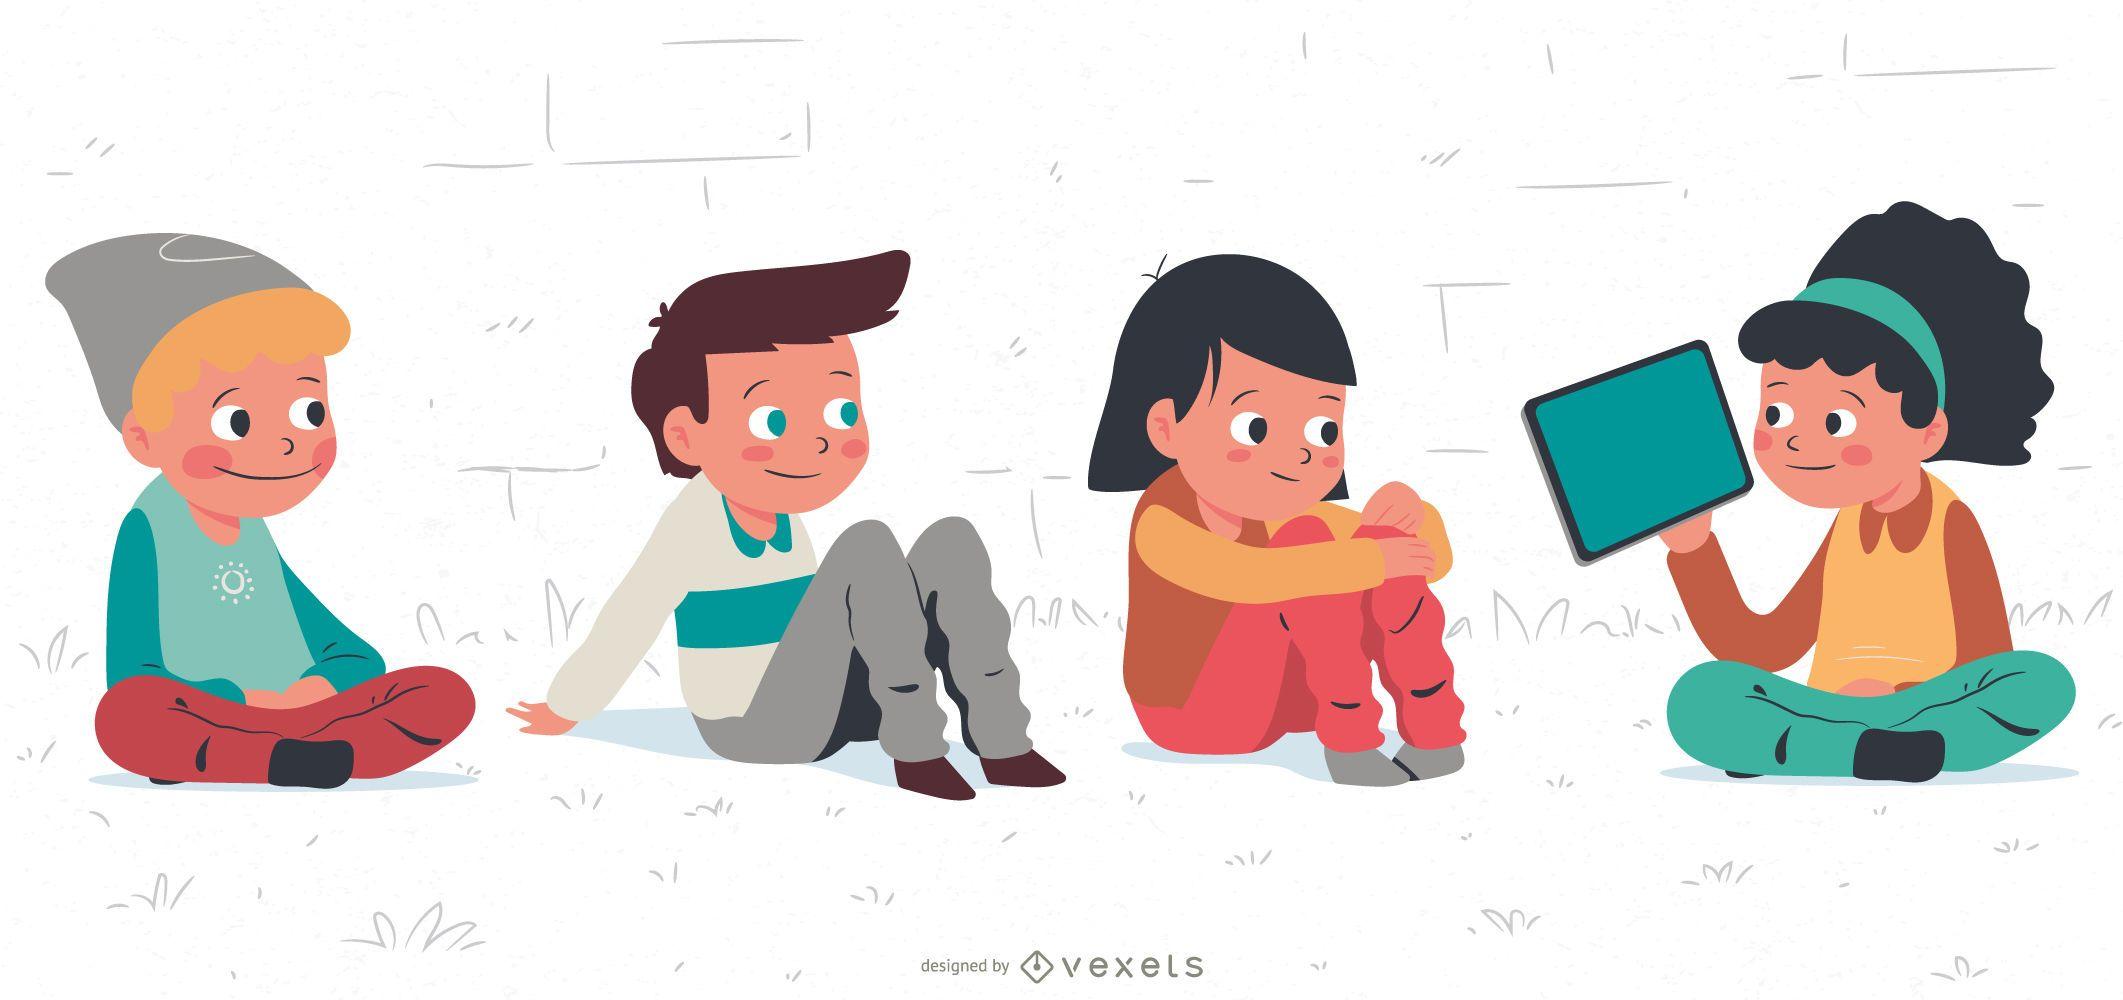 Conjunto de personagens de desenhos animados para crianças conversando